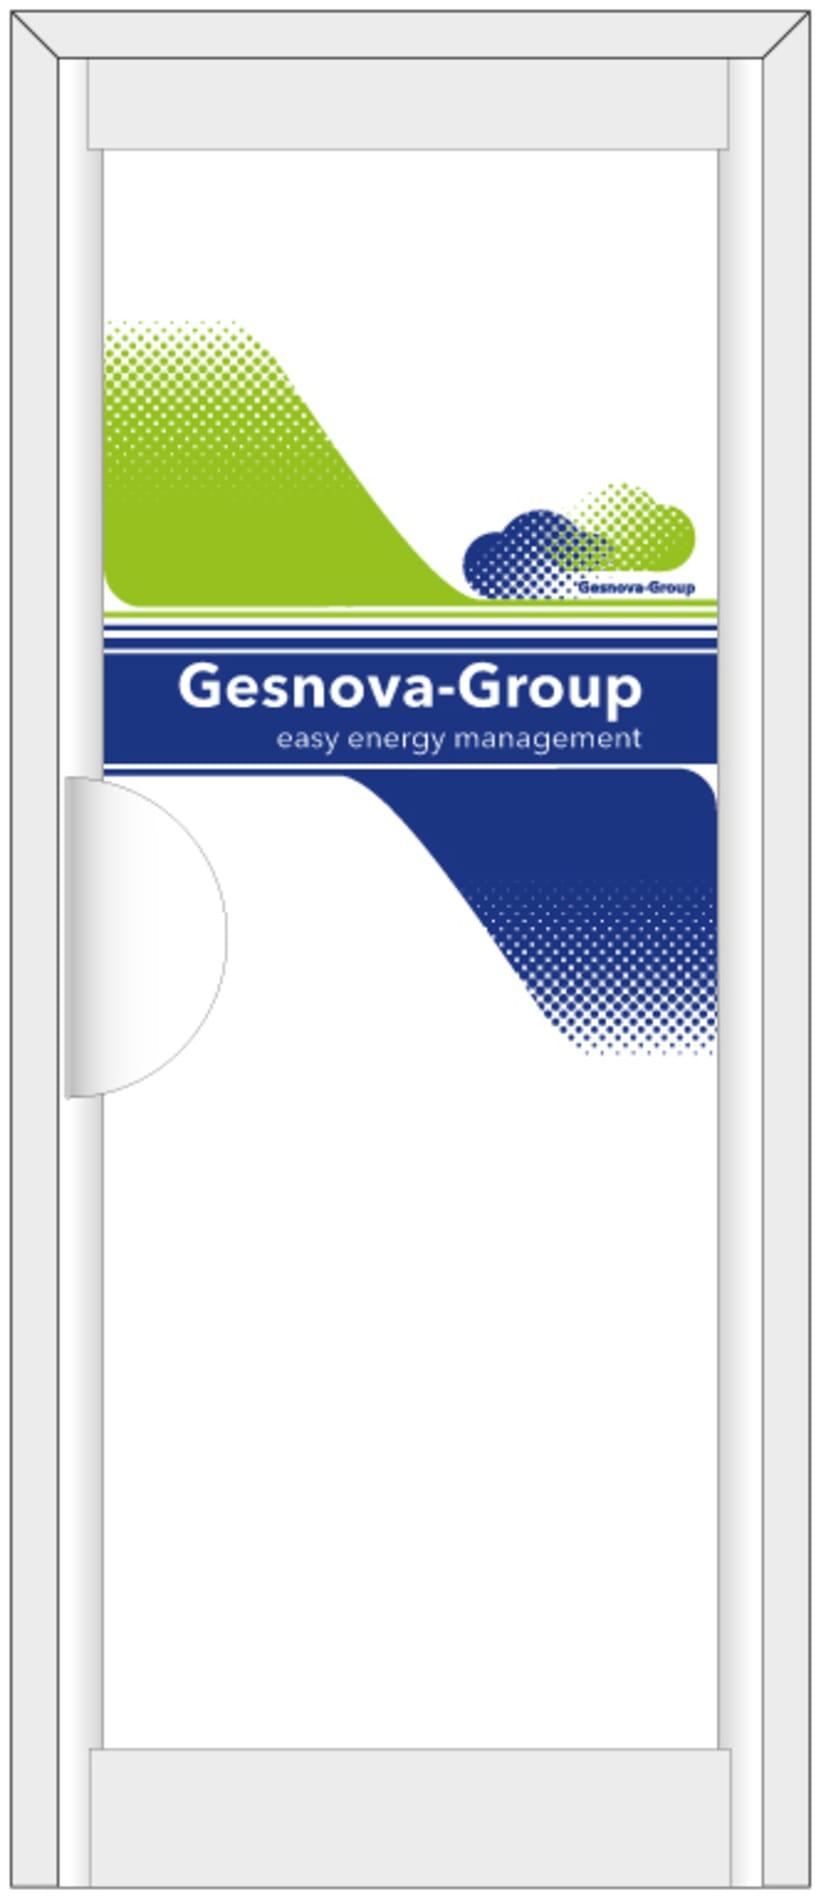 Gesnova-Group 2